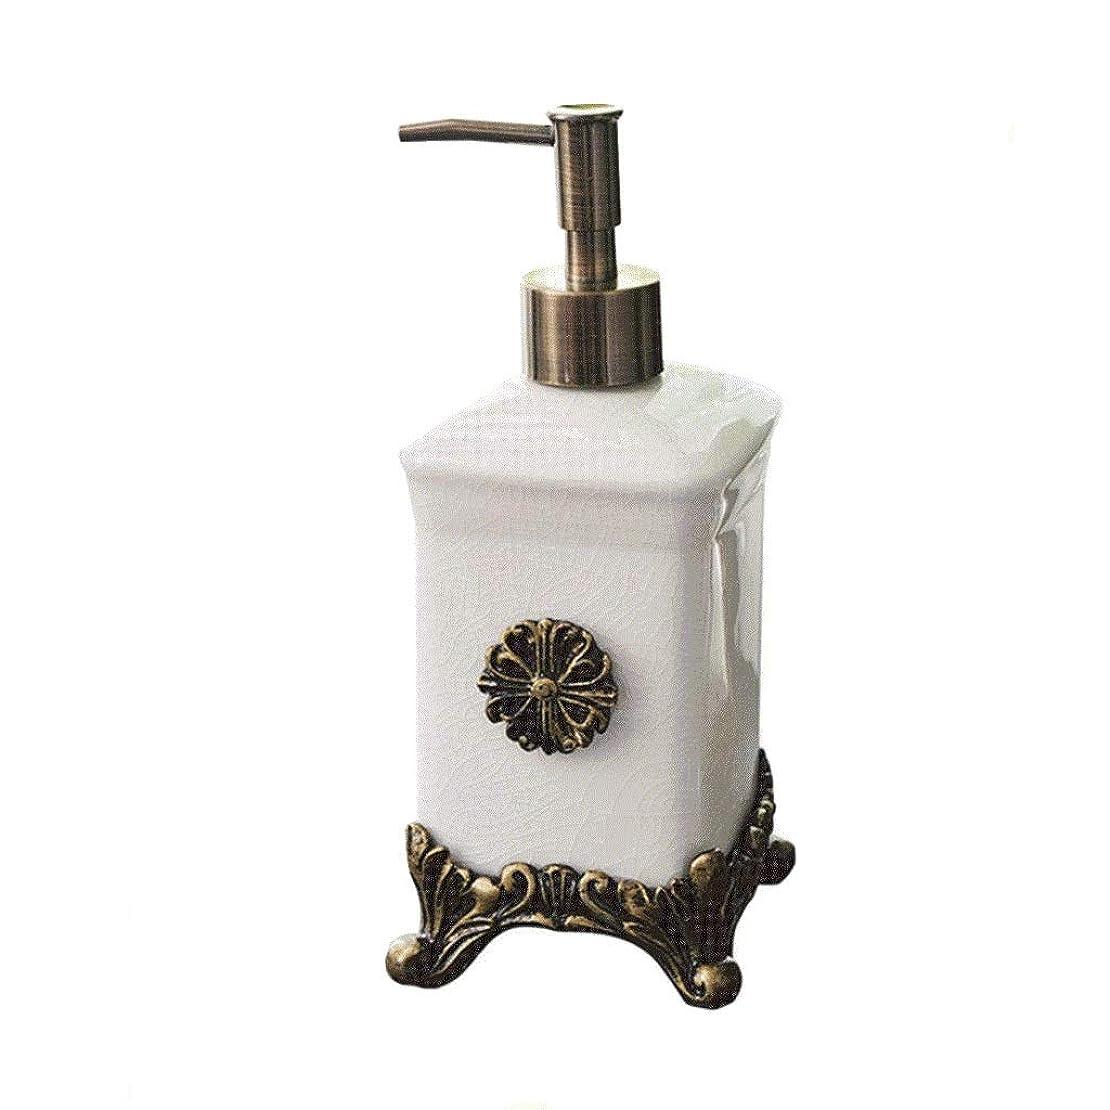 に対して浮浪者軍団TWDYC 浴室の台所カウンタートップローションのための石鹸ディスペンサー石鹸ディスペンサーの液体石鹸のびんの陶磁器の石鹸ポンプ大理石手の石鹸ディスペンサー